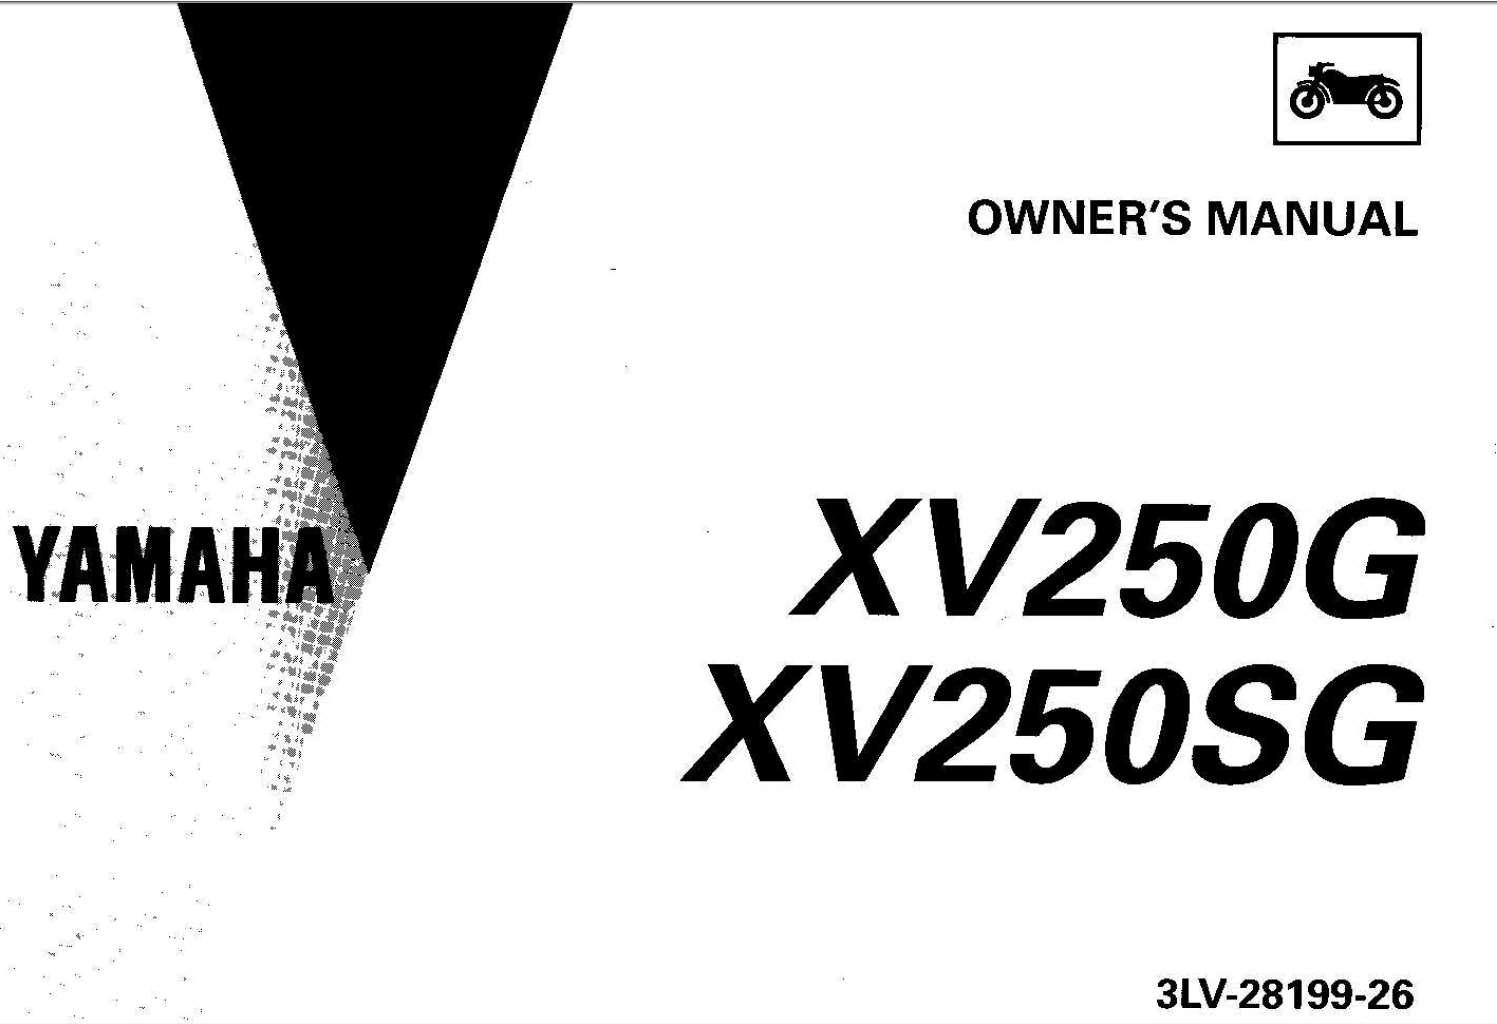 Yamaha XV250 (G) (SG) 1995 Owner's Manual